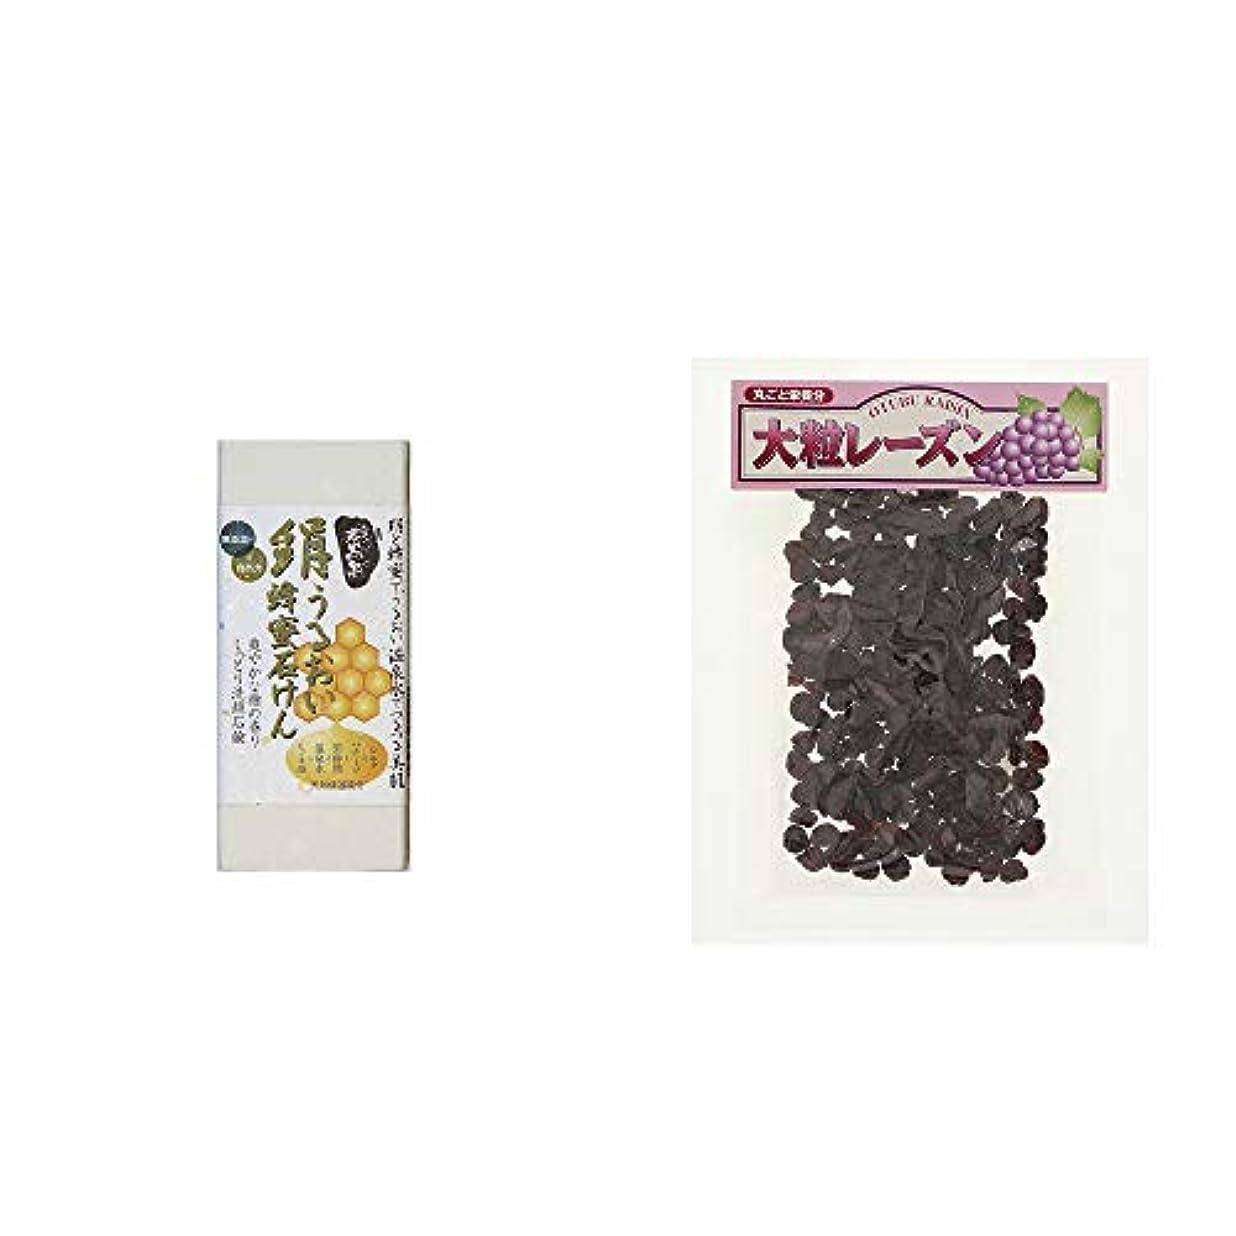 節約する種亜熱帯[2点セット] ひのき炭黒泉 絹うるおい蜂蜜石けん(75g×2)?大粒レーズン(280g)